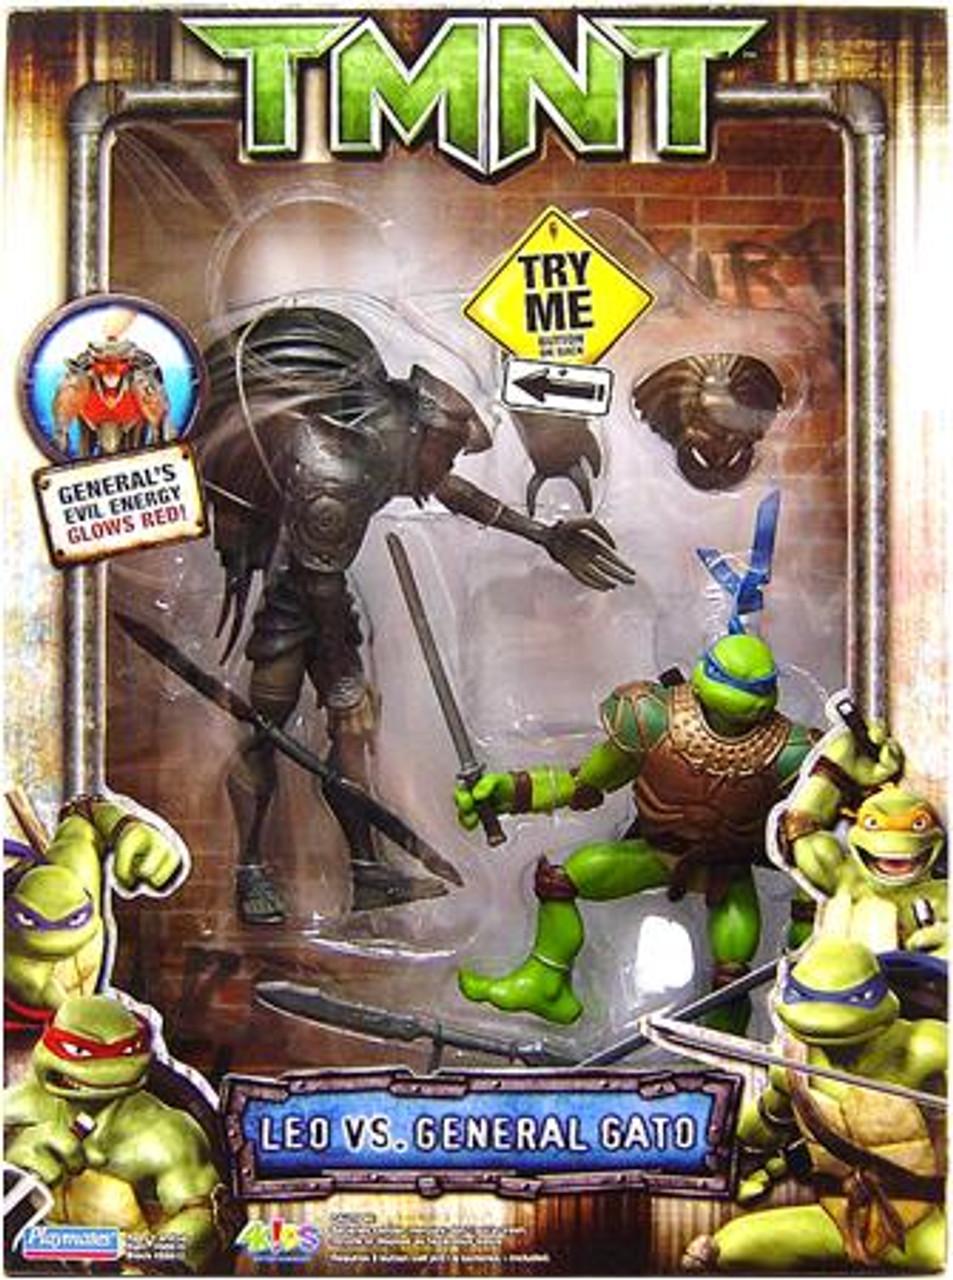 Teenage Mutant Ninja Turtles TMNT Leonardo Vs. General Gato Action Figure 2-Pack